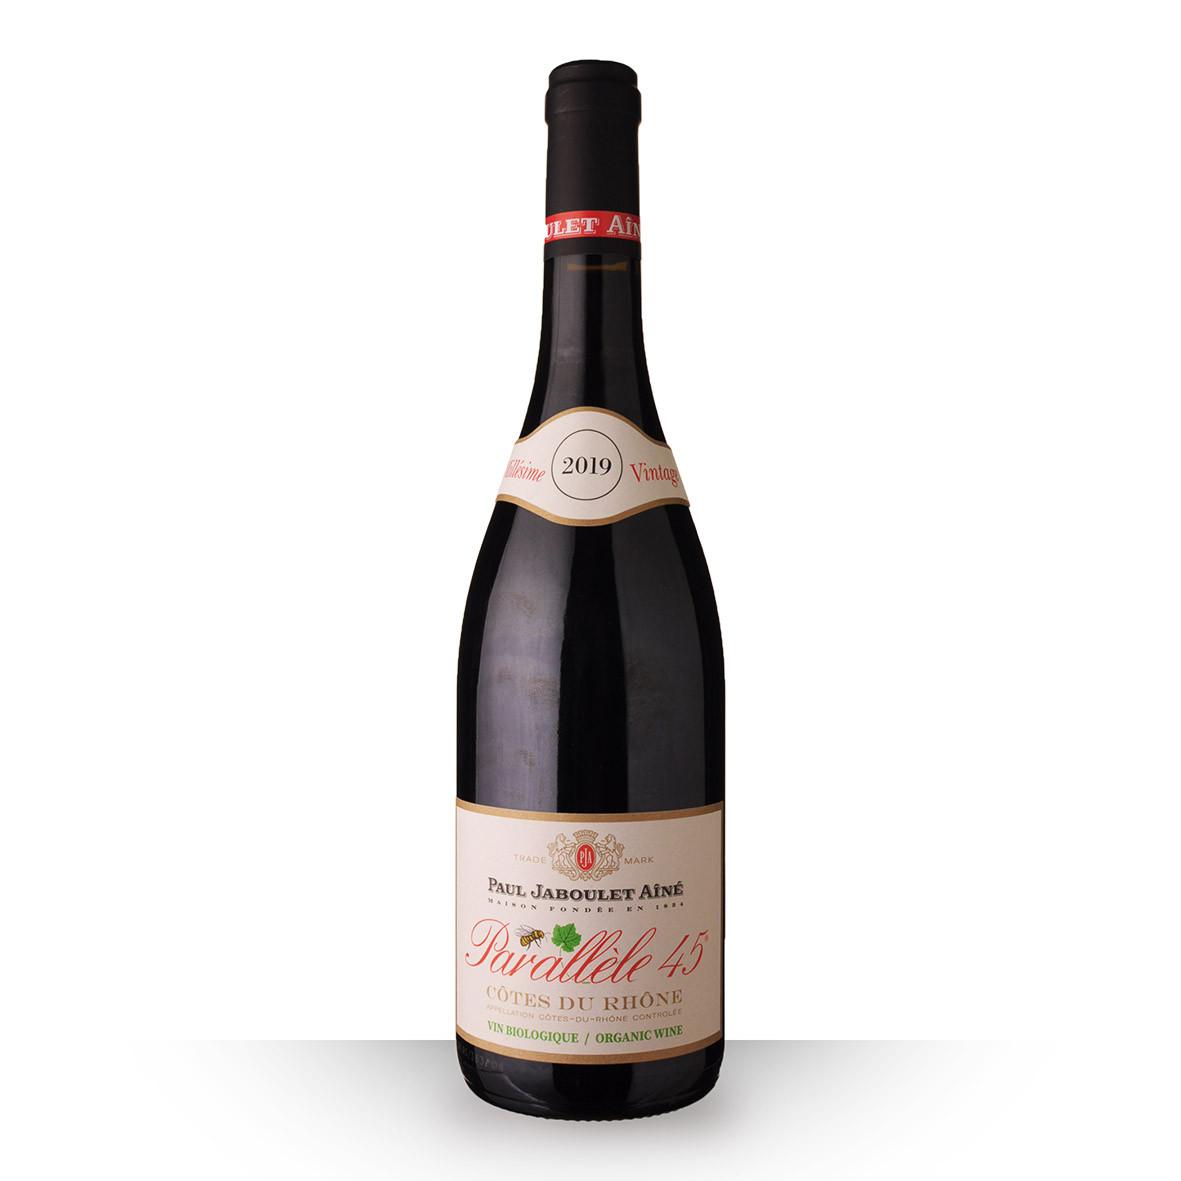 Paul Jaboulet Aîné Parallèle 45 Bio Côtes du Rhône Rouge 2019 75cl www.odyssee-vins.com